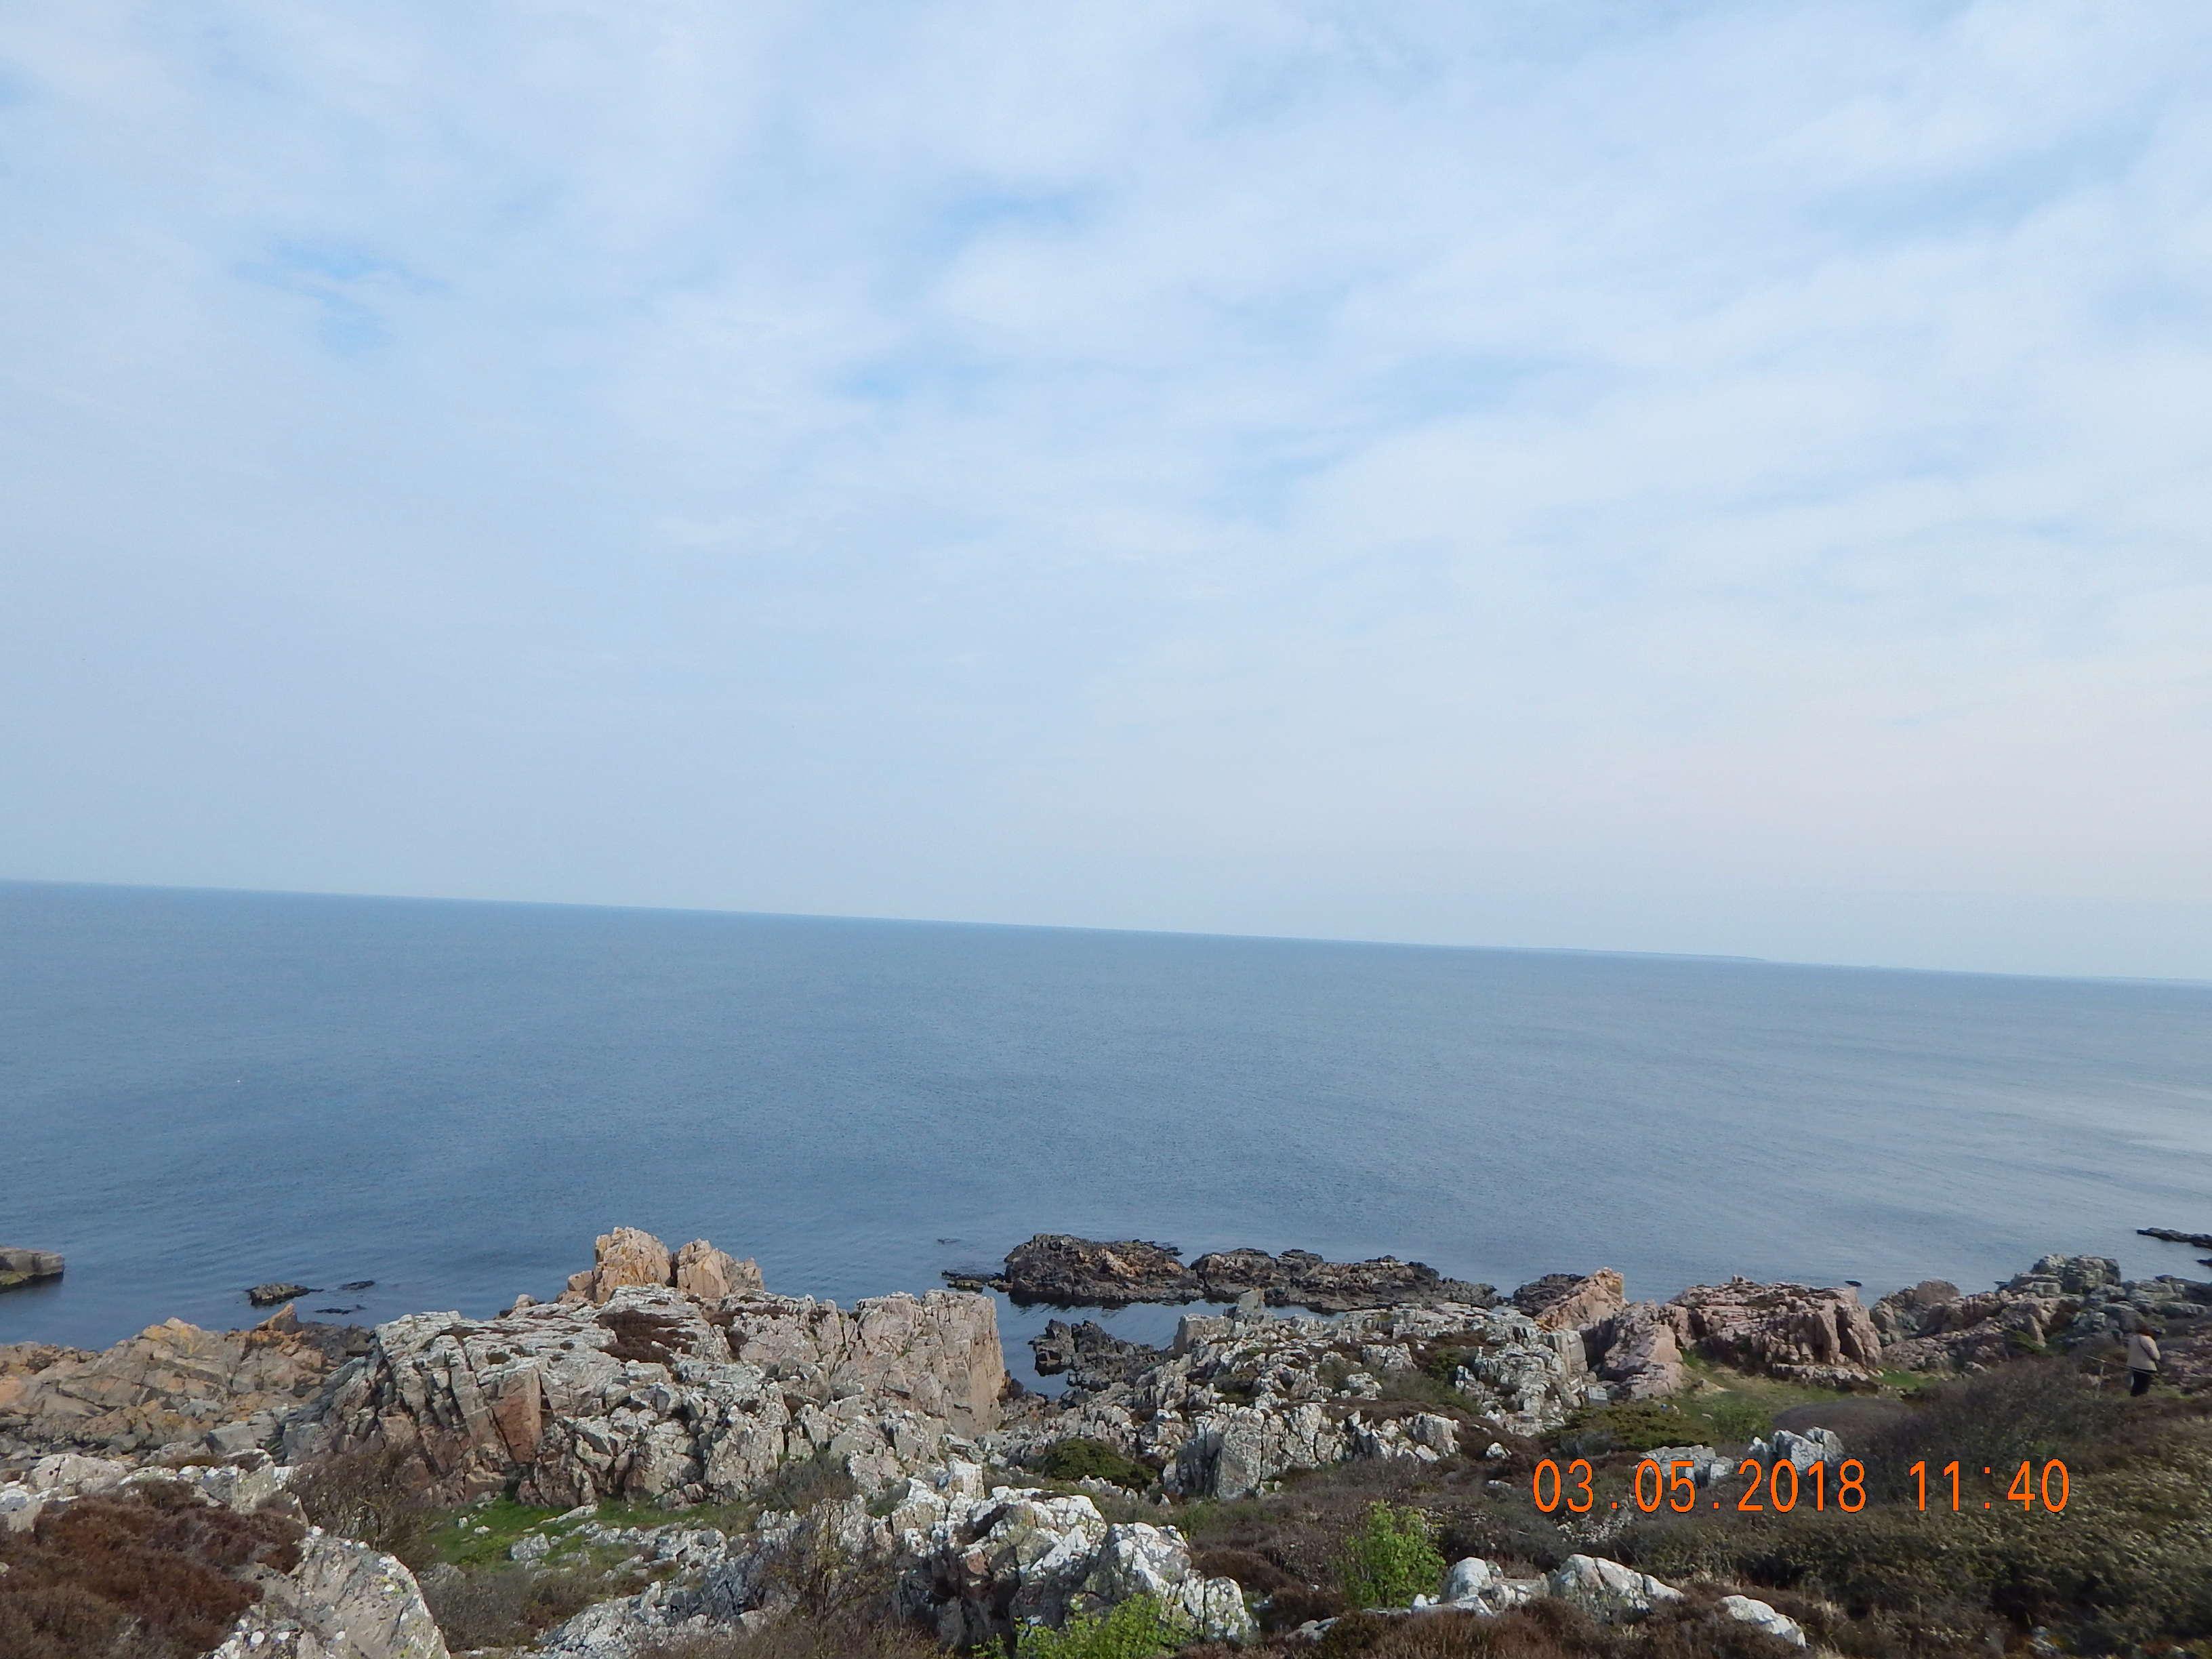 Романтическое путешествие в Скандинавию. - Страница 2 Dscn4237